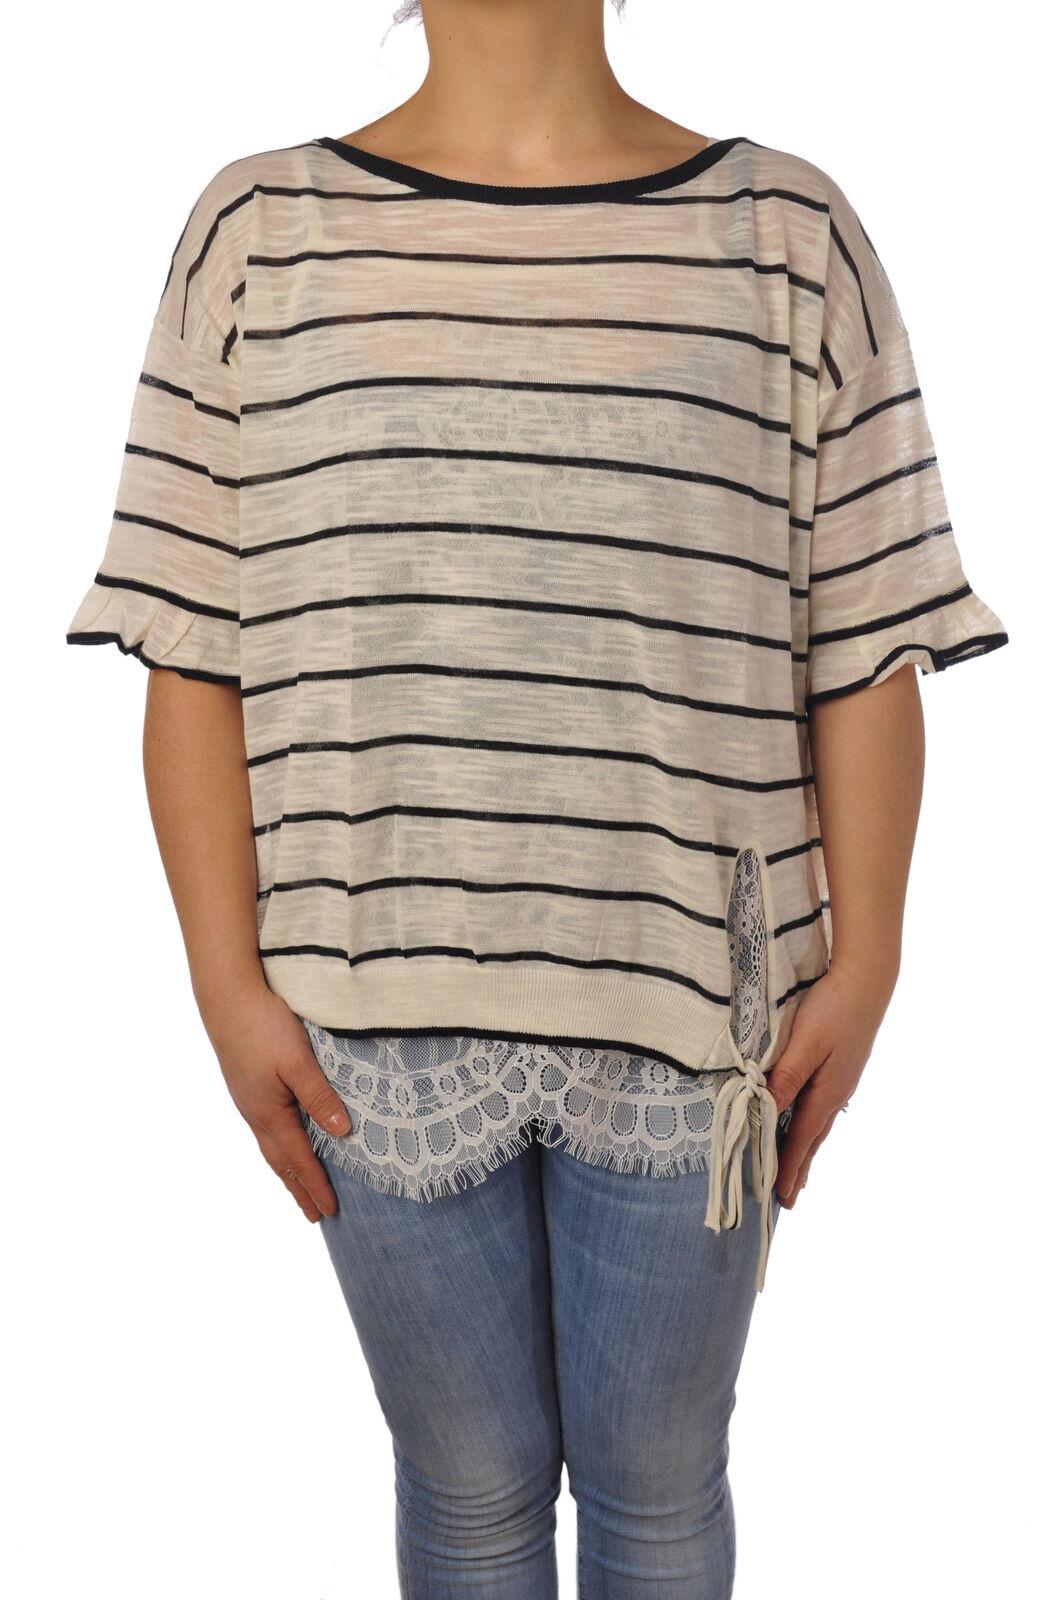 Twin Set - Knitwear-Sweaters - Woman - White - 5104829L184406